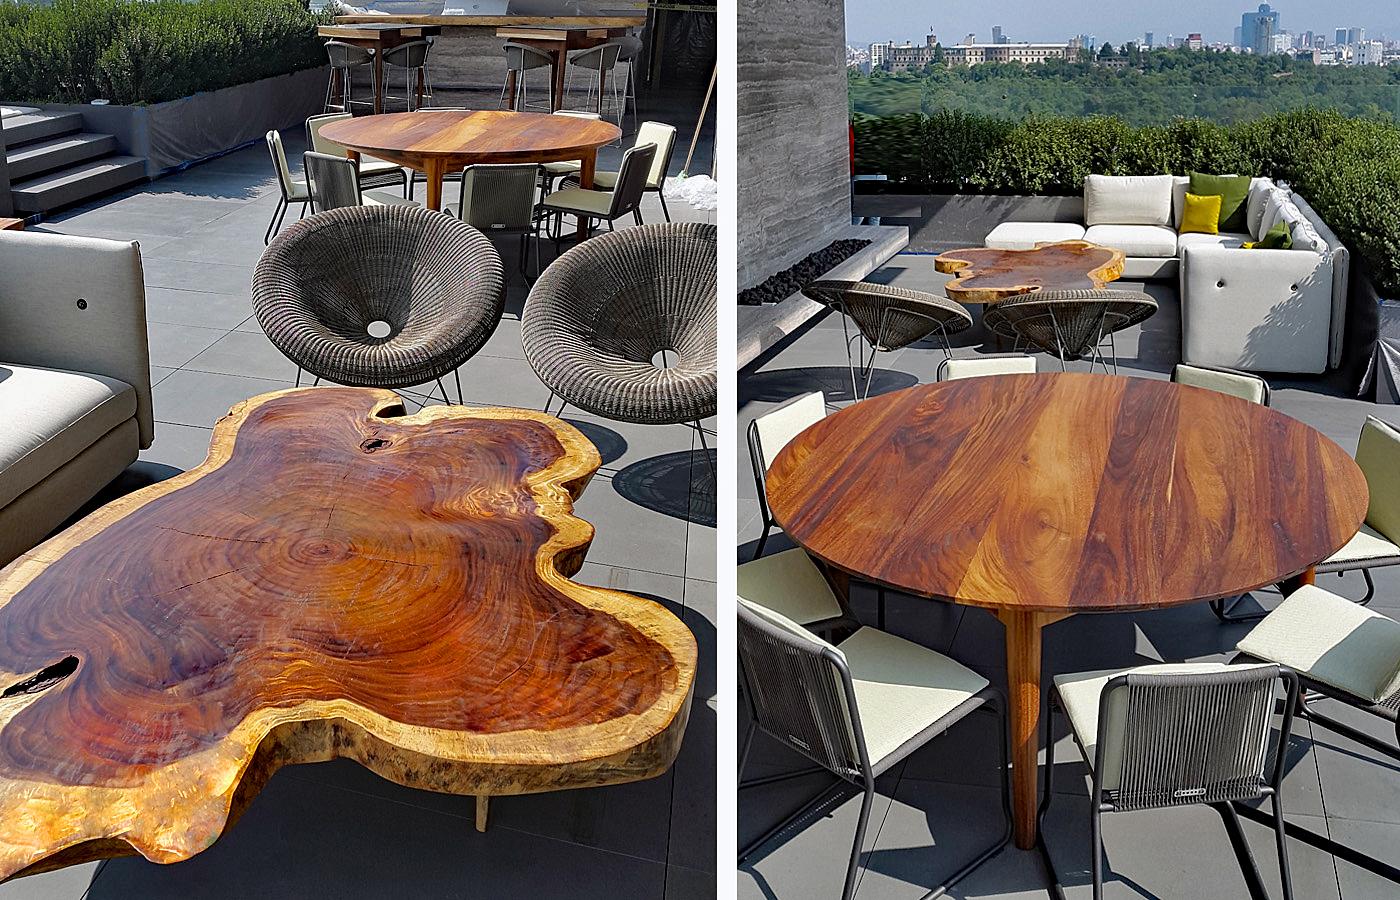 Muebles de exterior de madera parota finos y artesanales - Muebles de resina para exterior ...